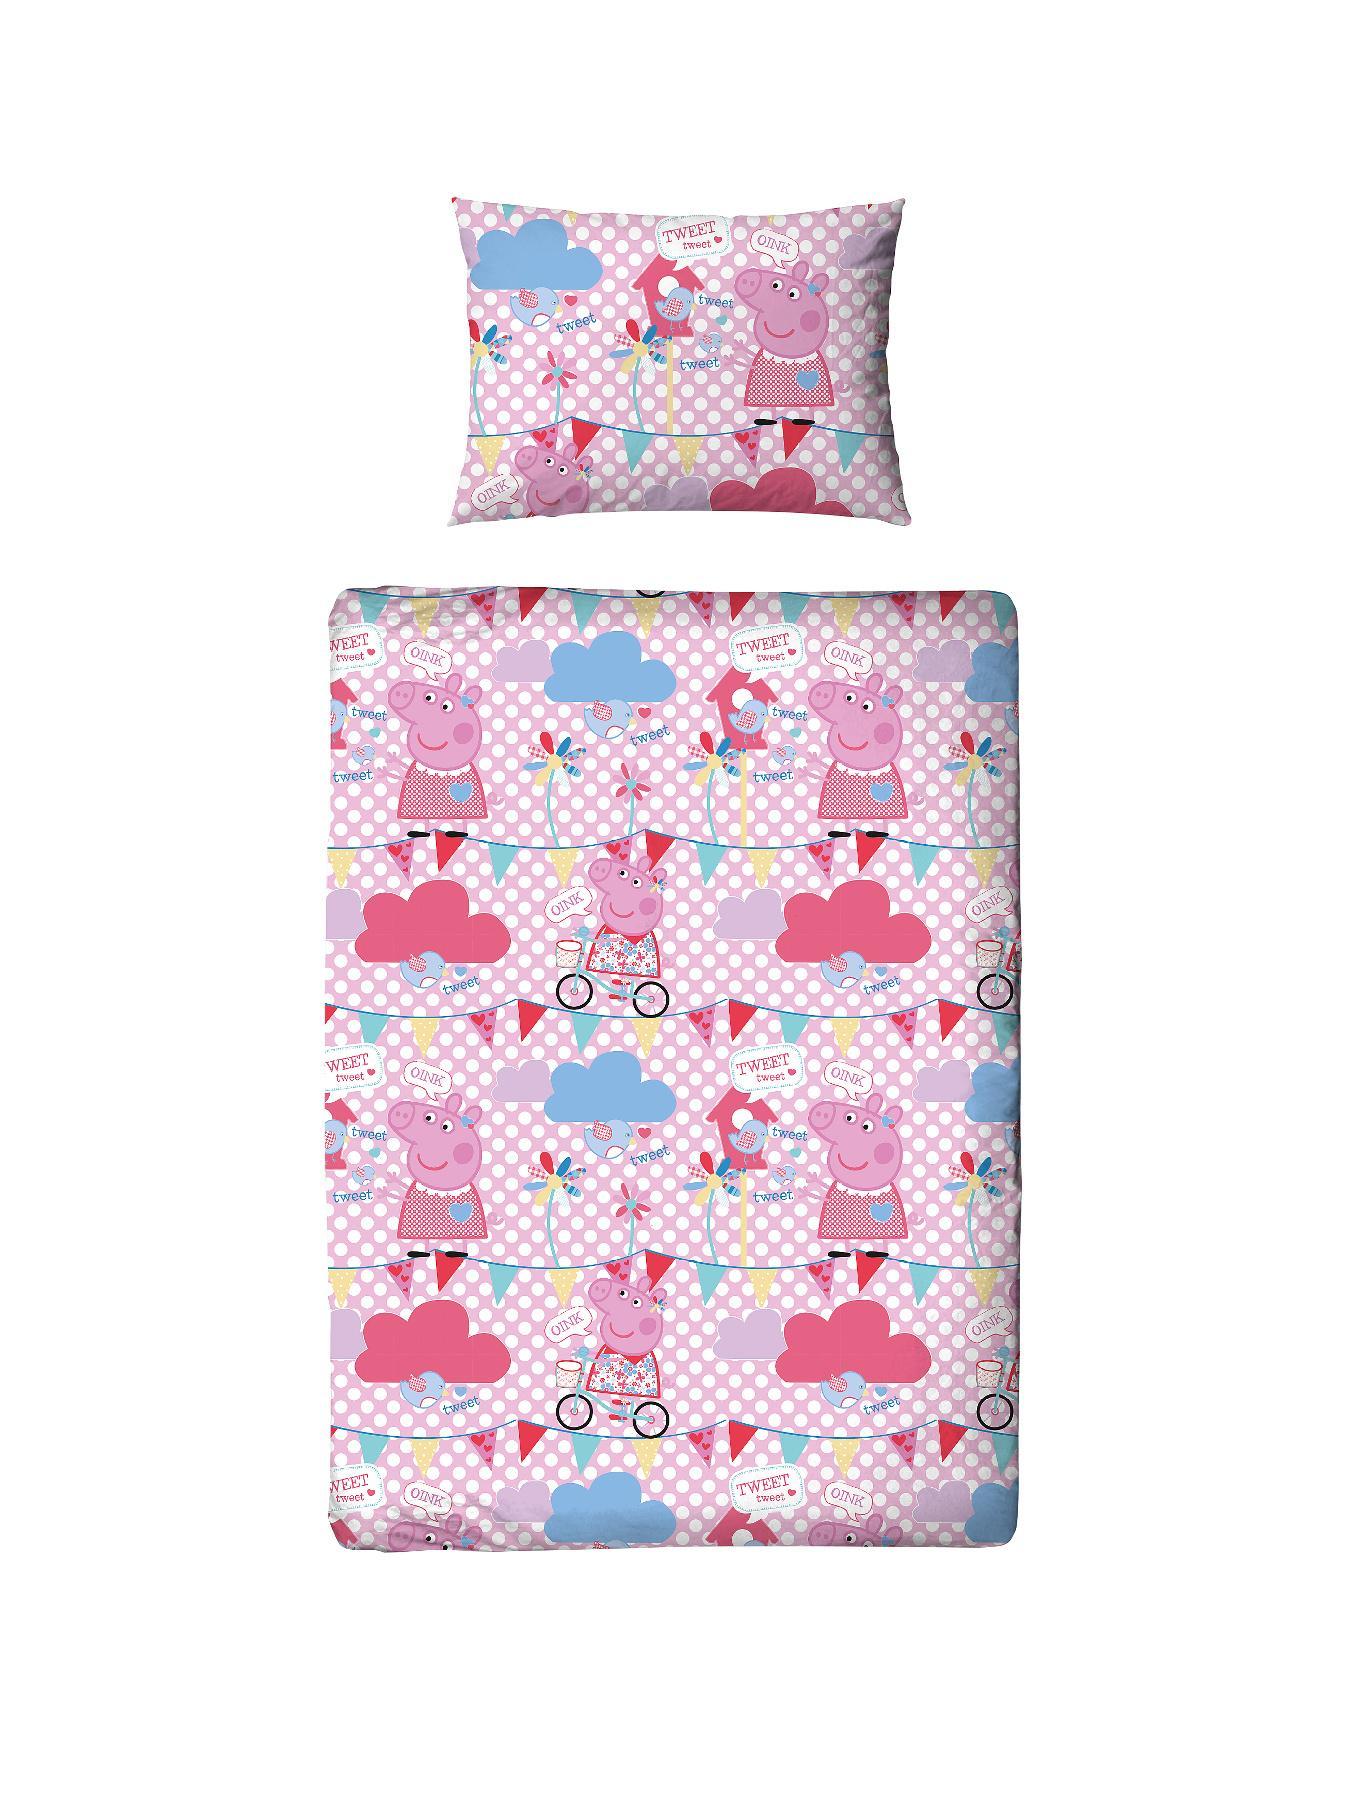 Peppa Pig Tweet Toddler Duvet and Bedding Bundle Set